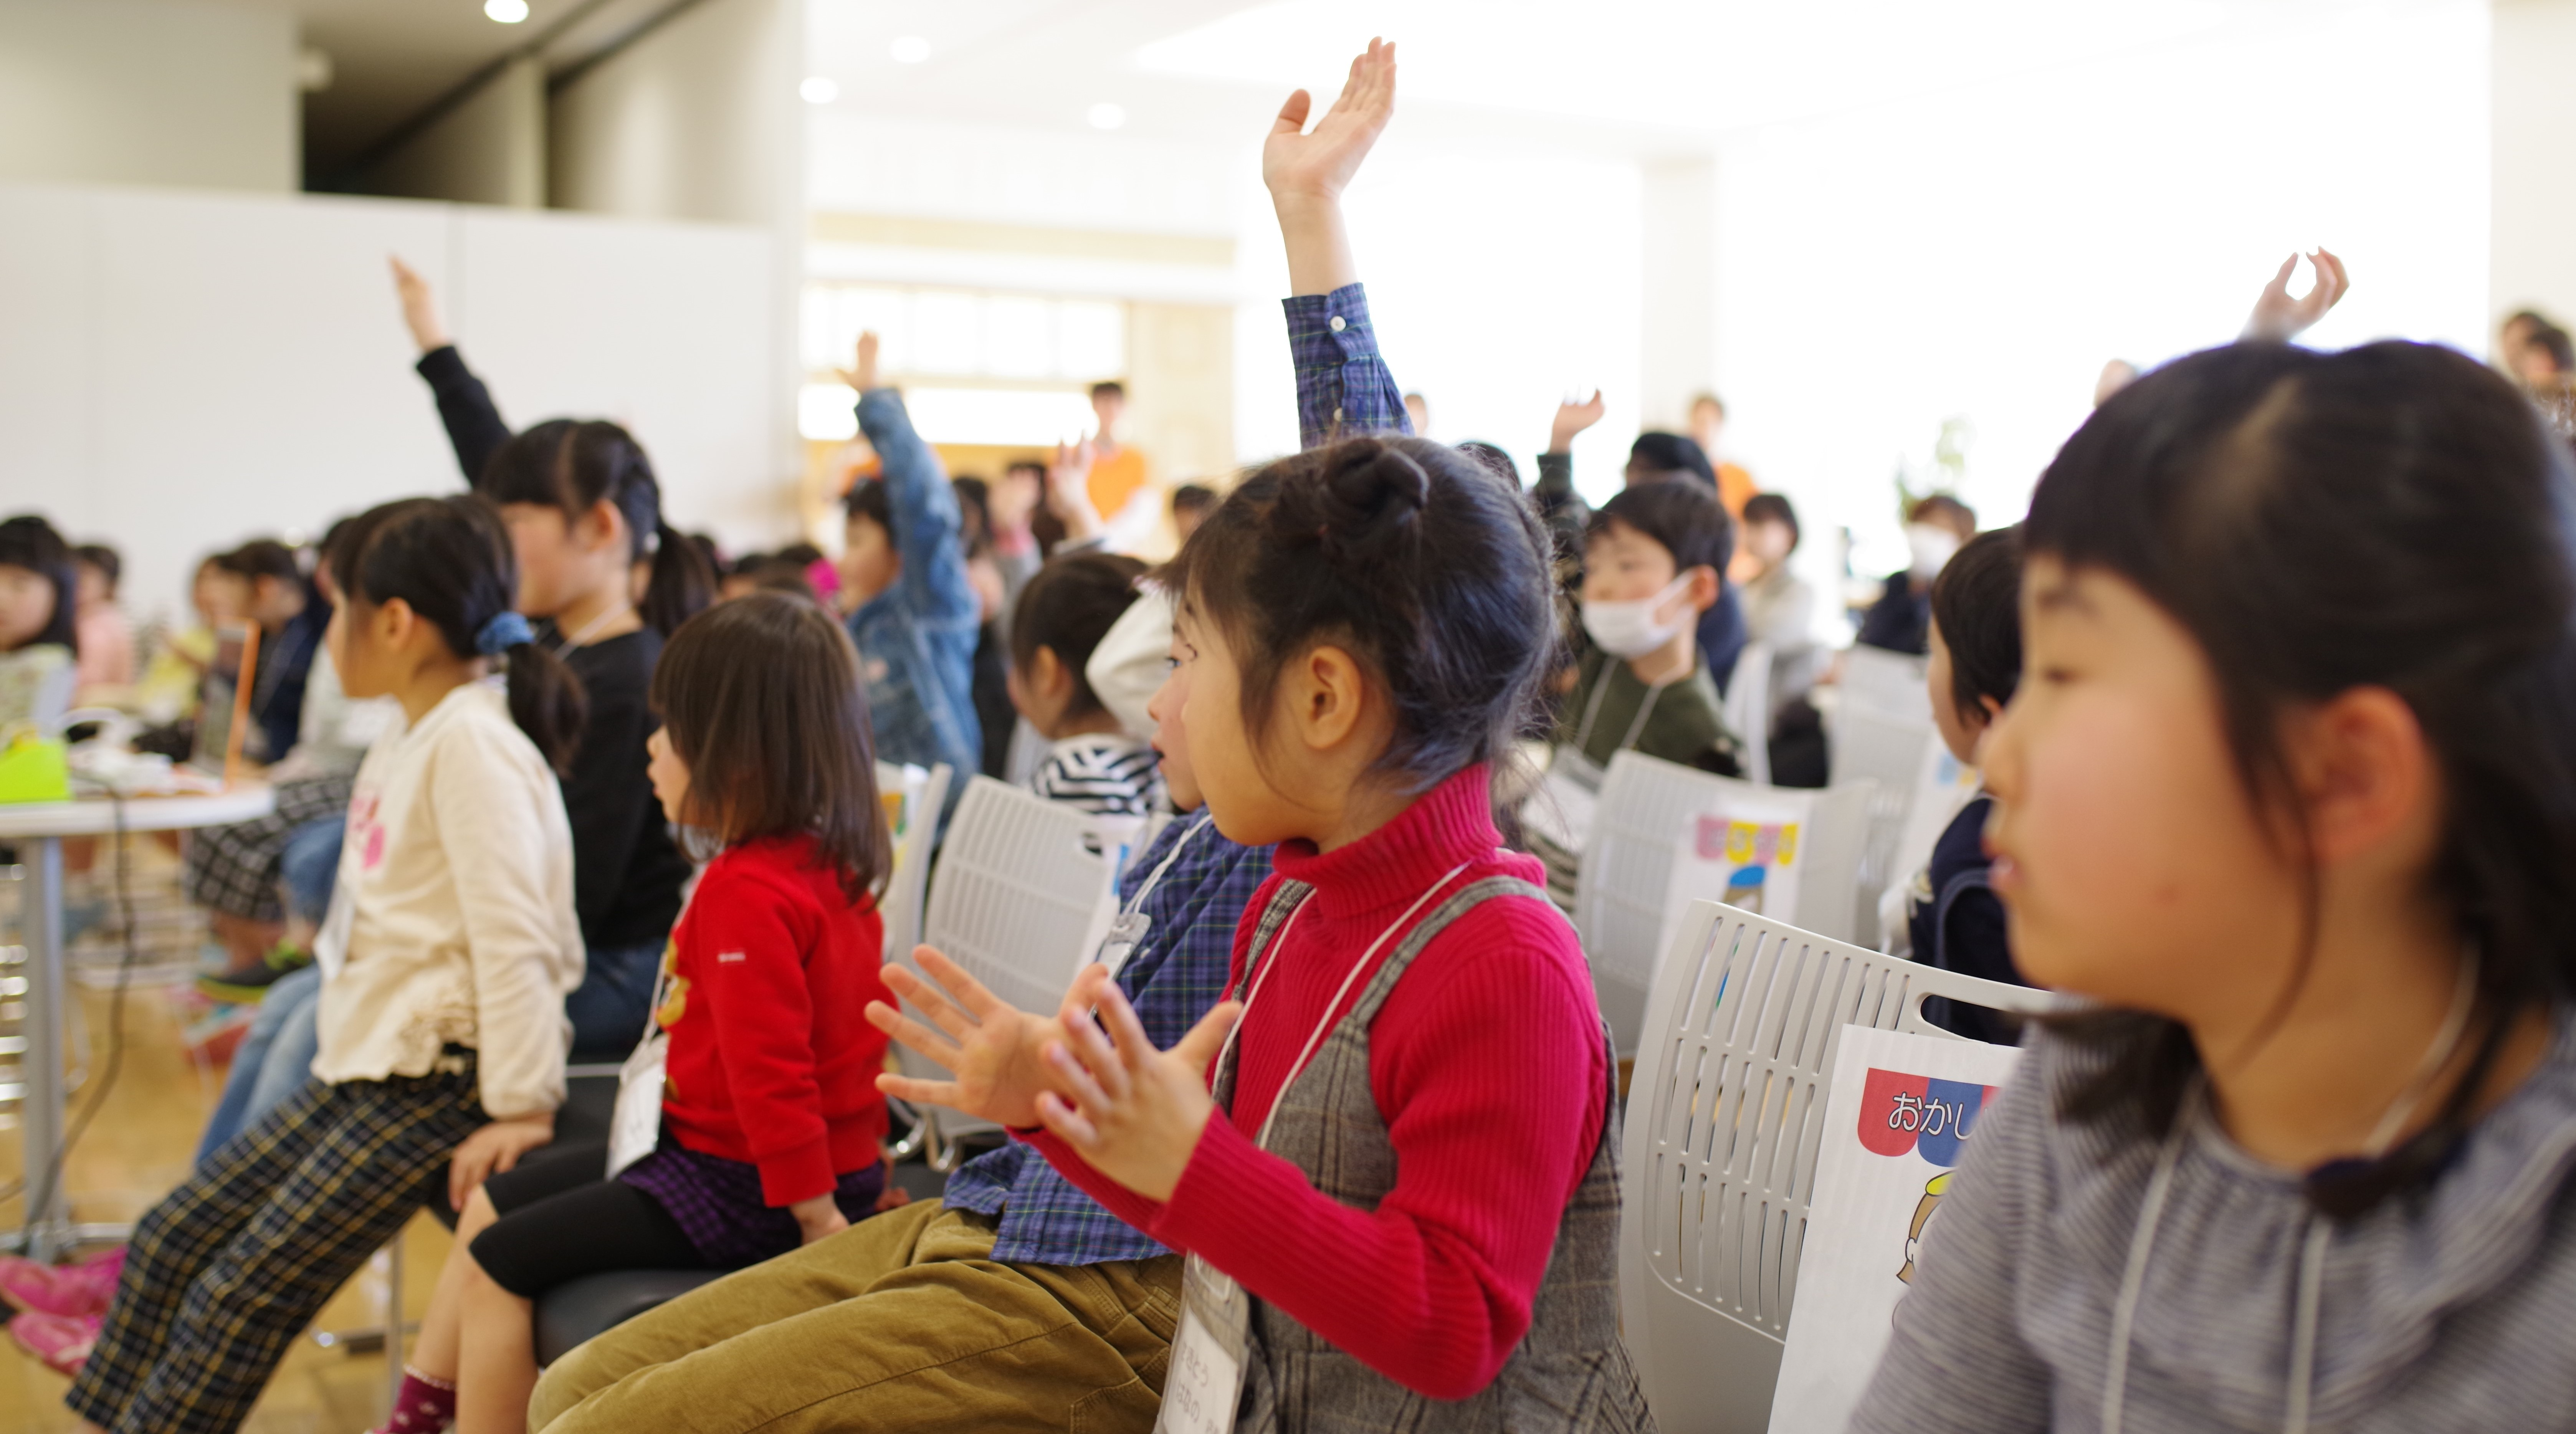 キッズマネースクール@香港より新年のご挨拶